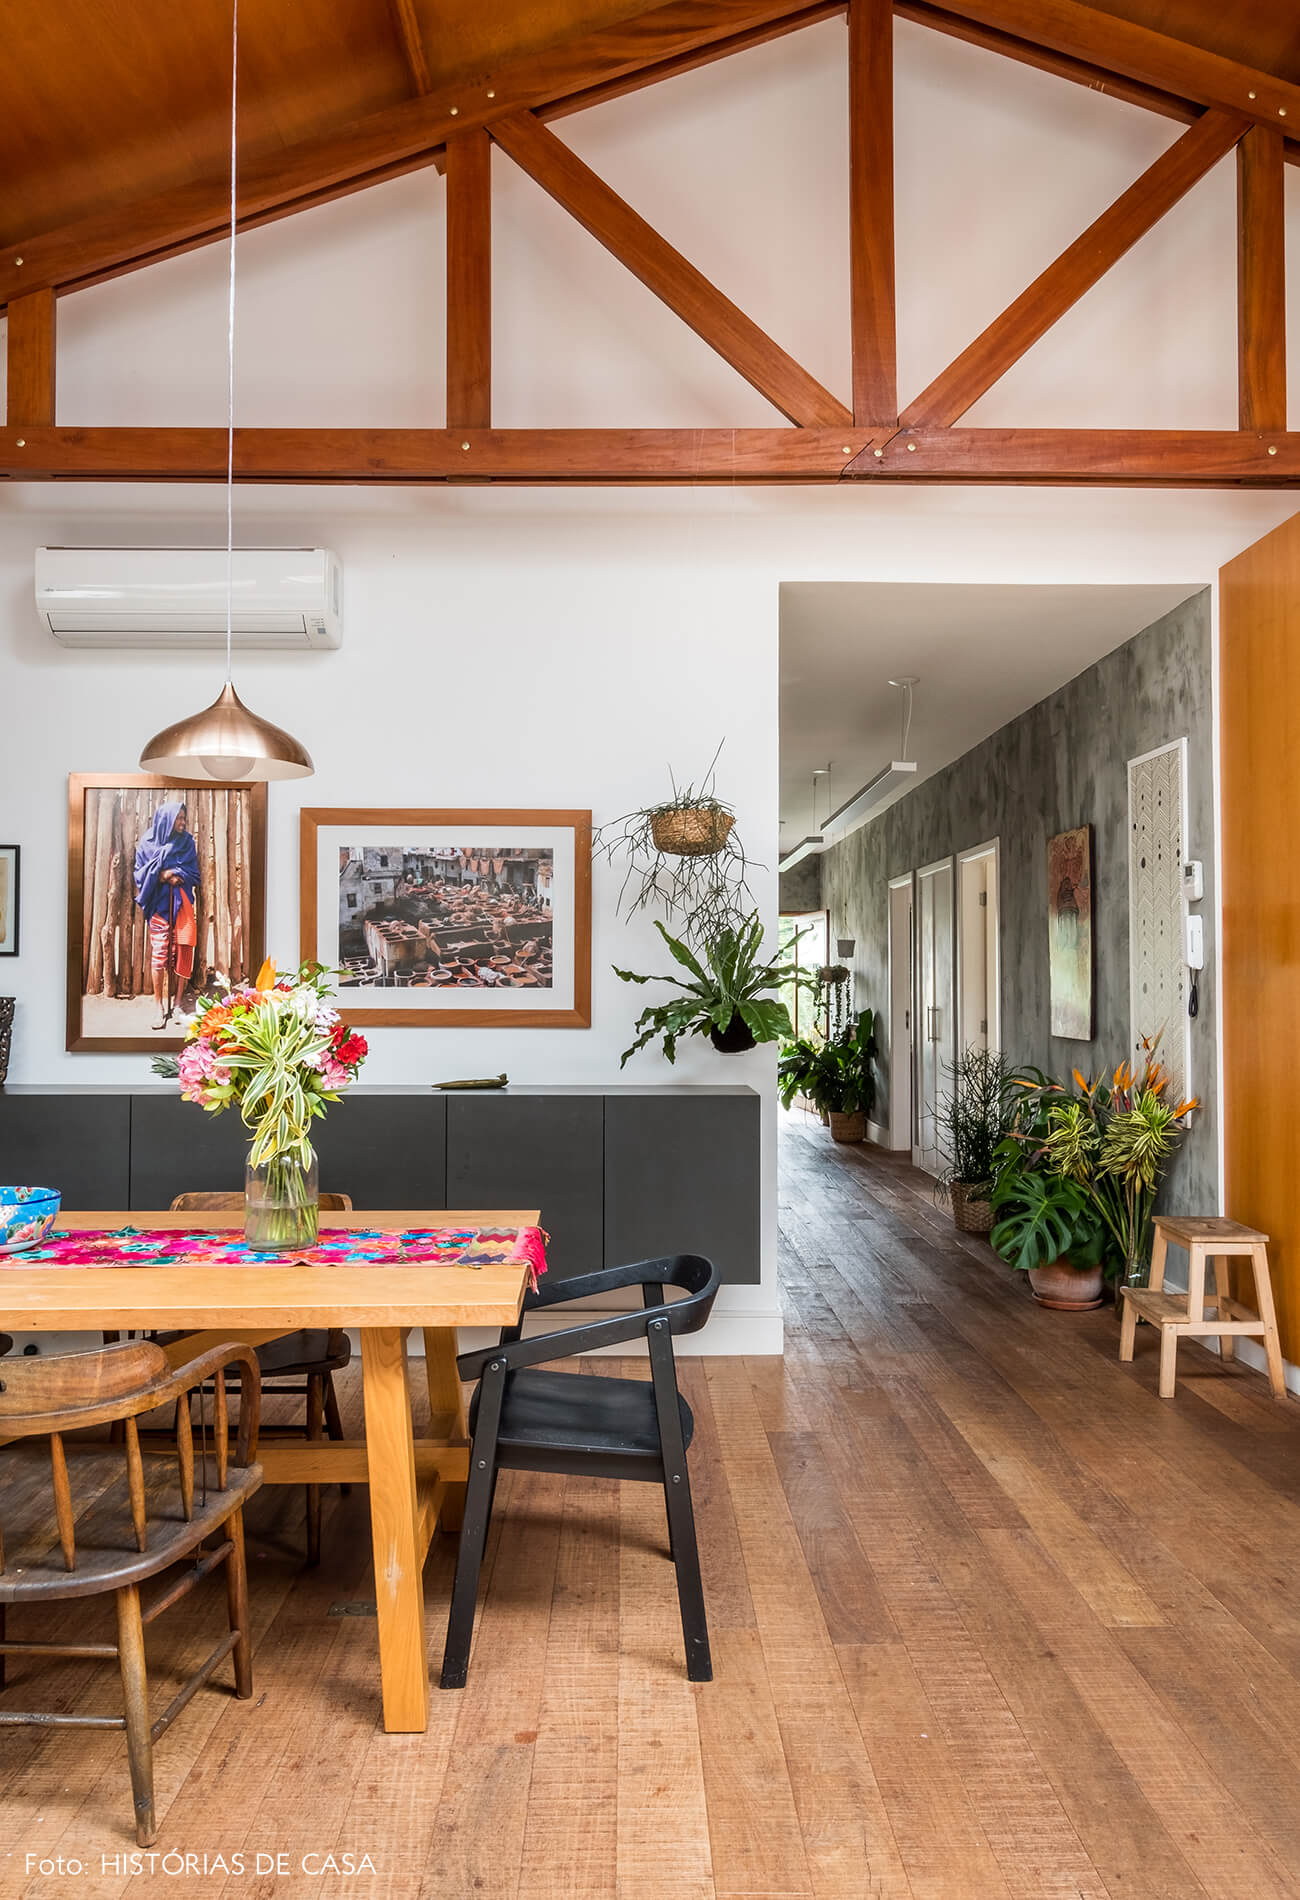 Sala de jantar com piso de madeira de demolição e vigas aparentes